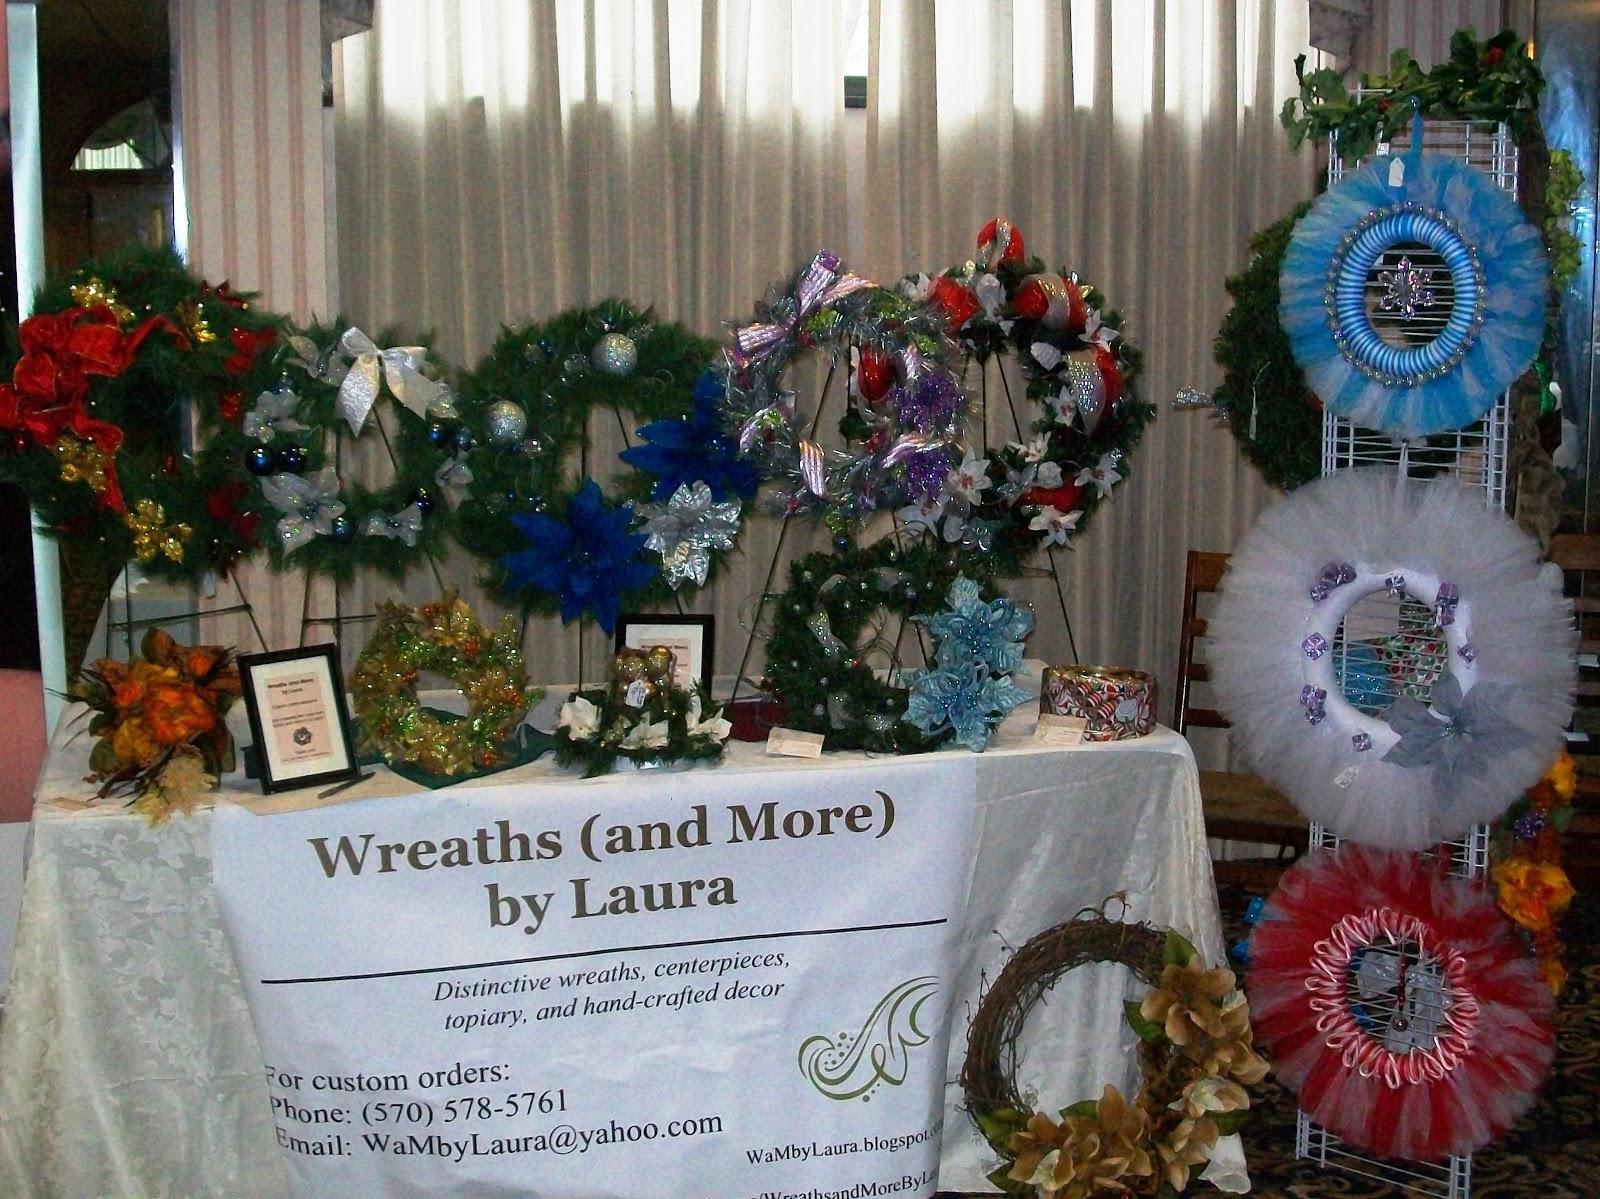 craft fair display ideas for wreaths